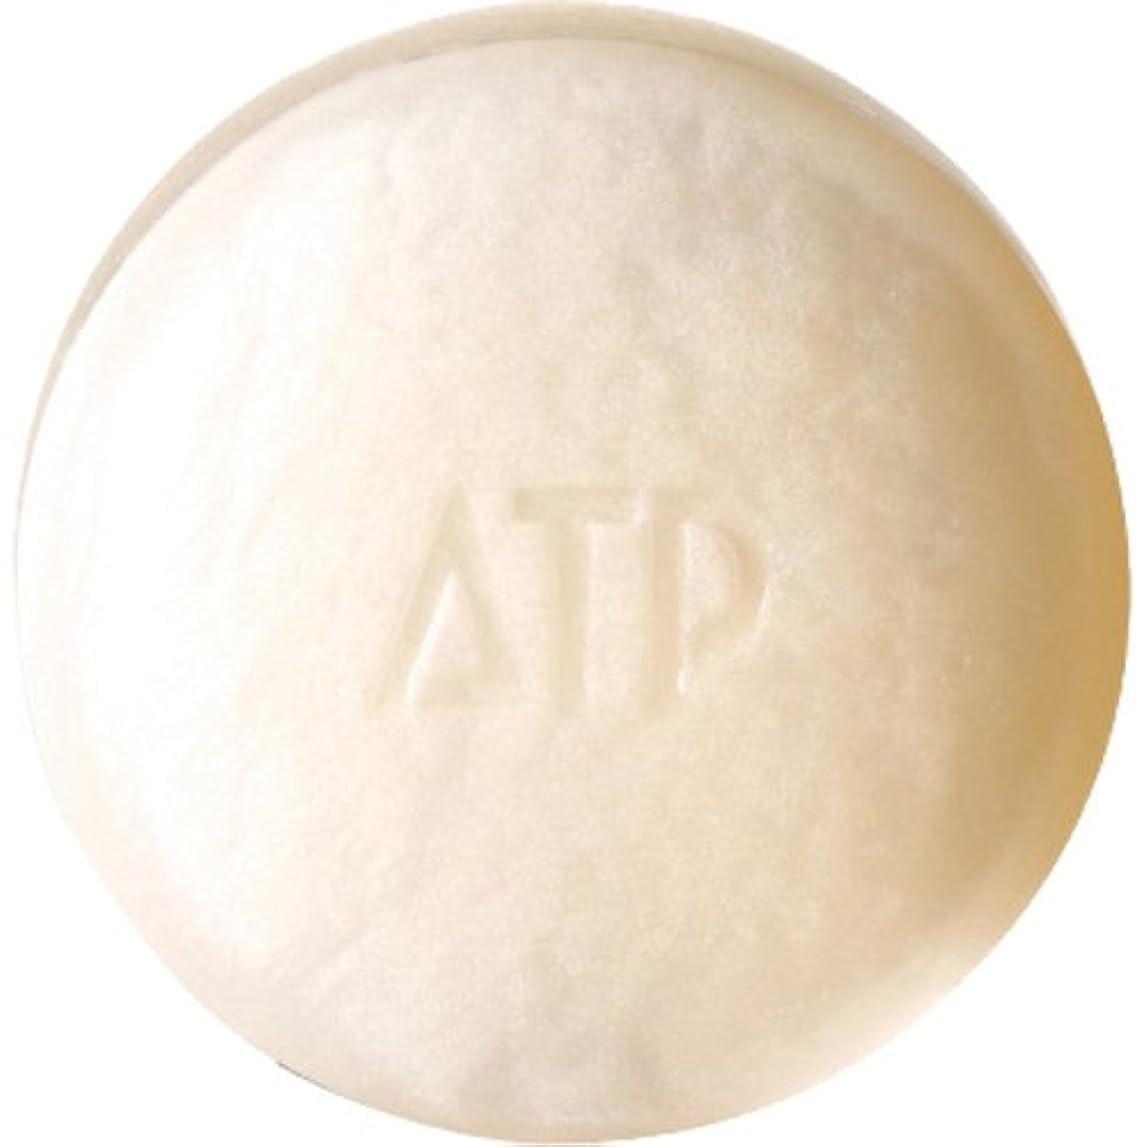 振るう熱用心深い薬用ATP デリケアソープ 100g ケースなし (全身用洗浄石けん?枠練り) [医薬部外品]